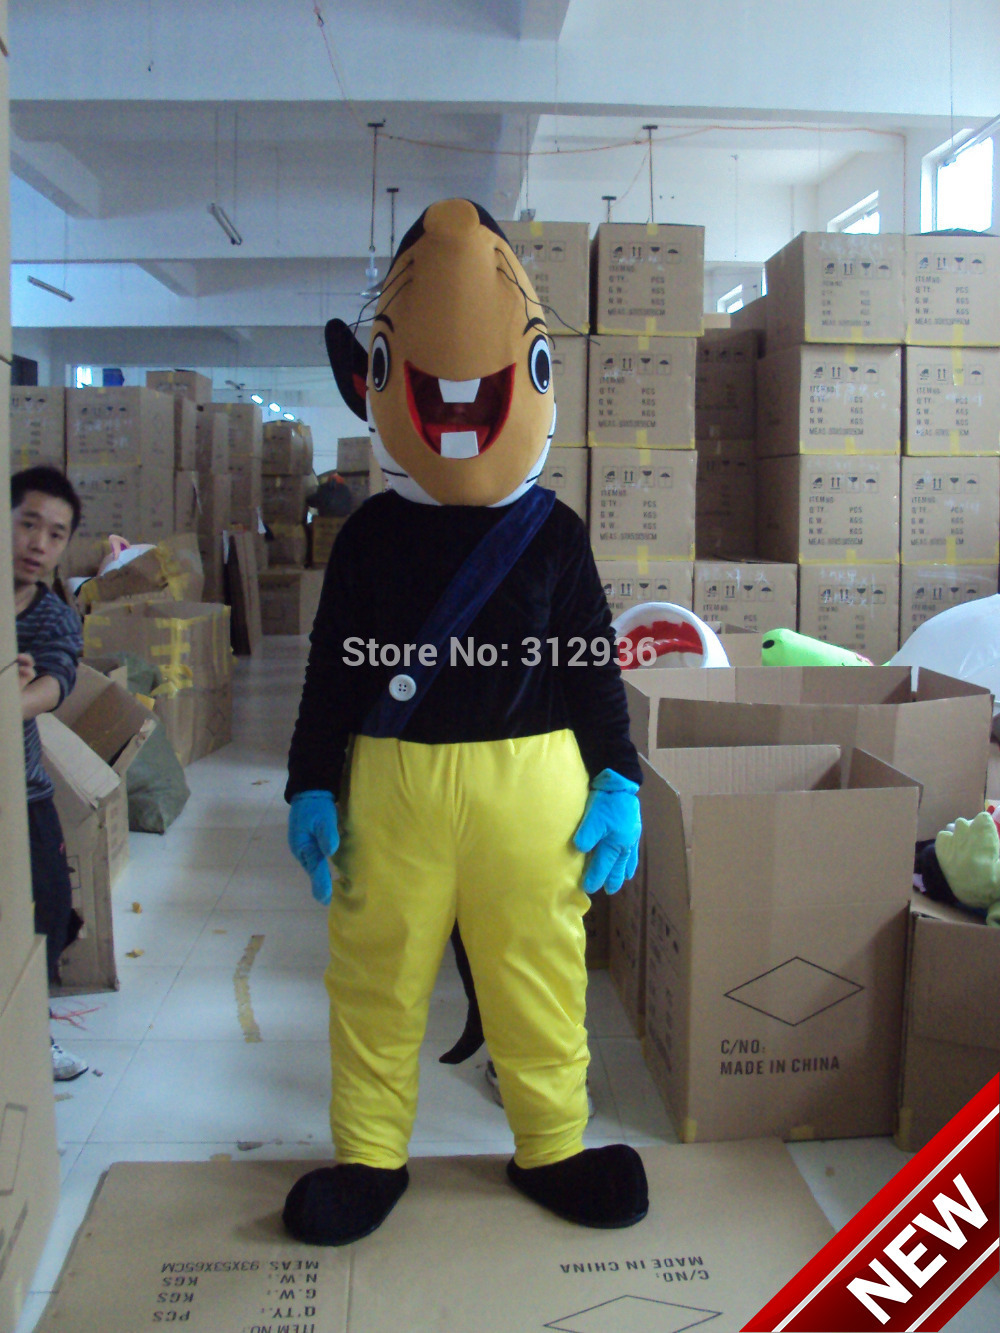 2018 nouvelle livraison gratuite souris souris mascotte Costume dessin animé personnage Costume mascotte Cosplay produits personnalisés personnalisés